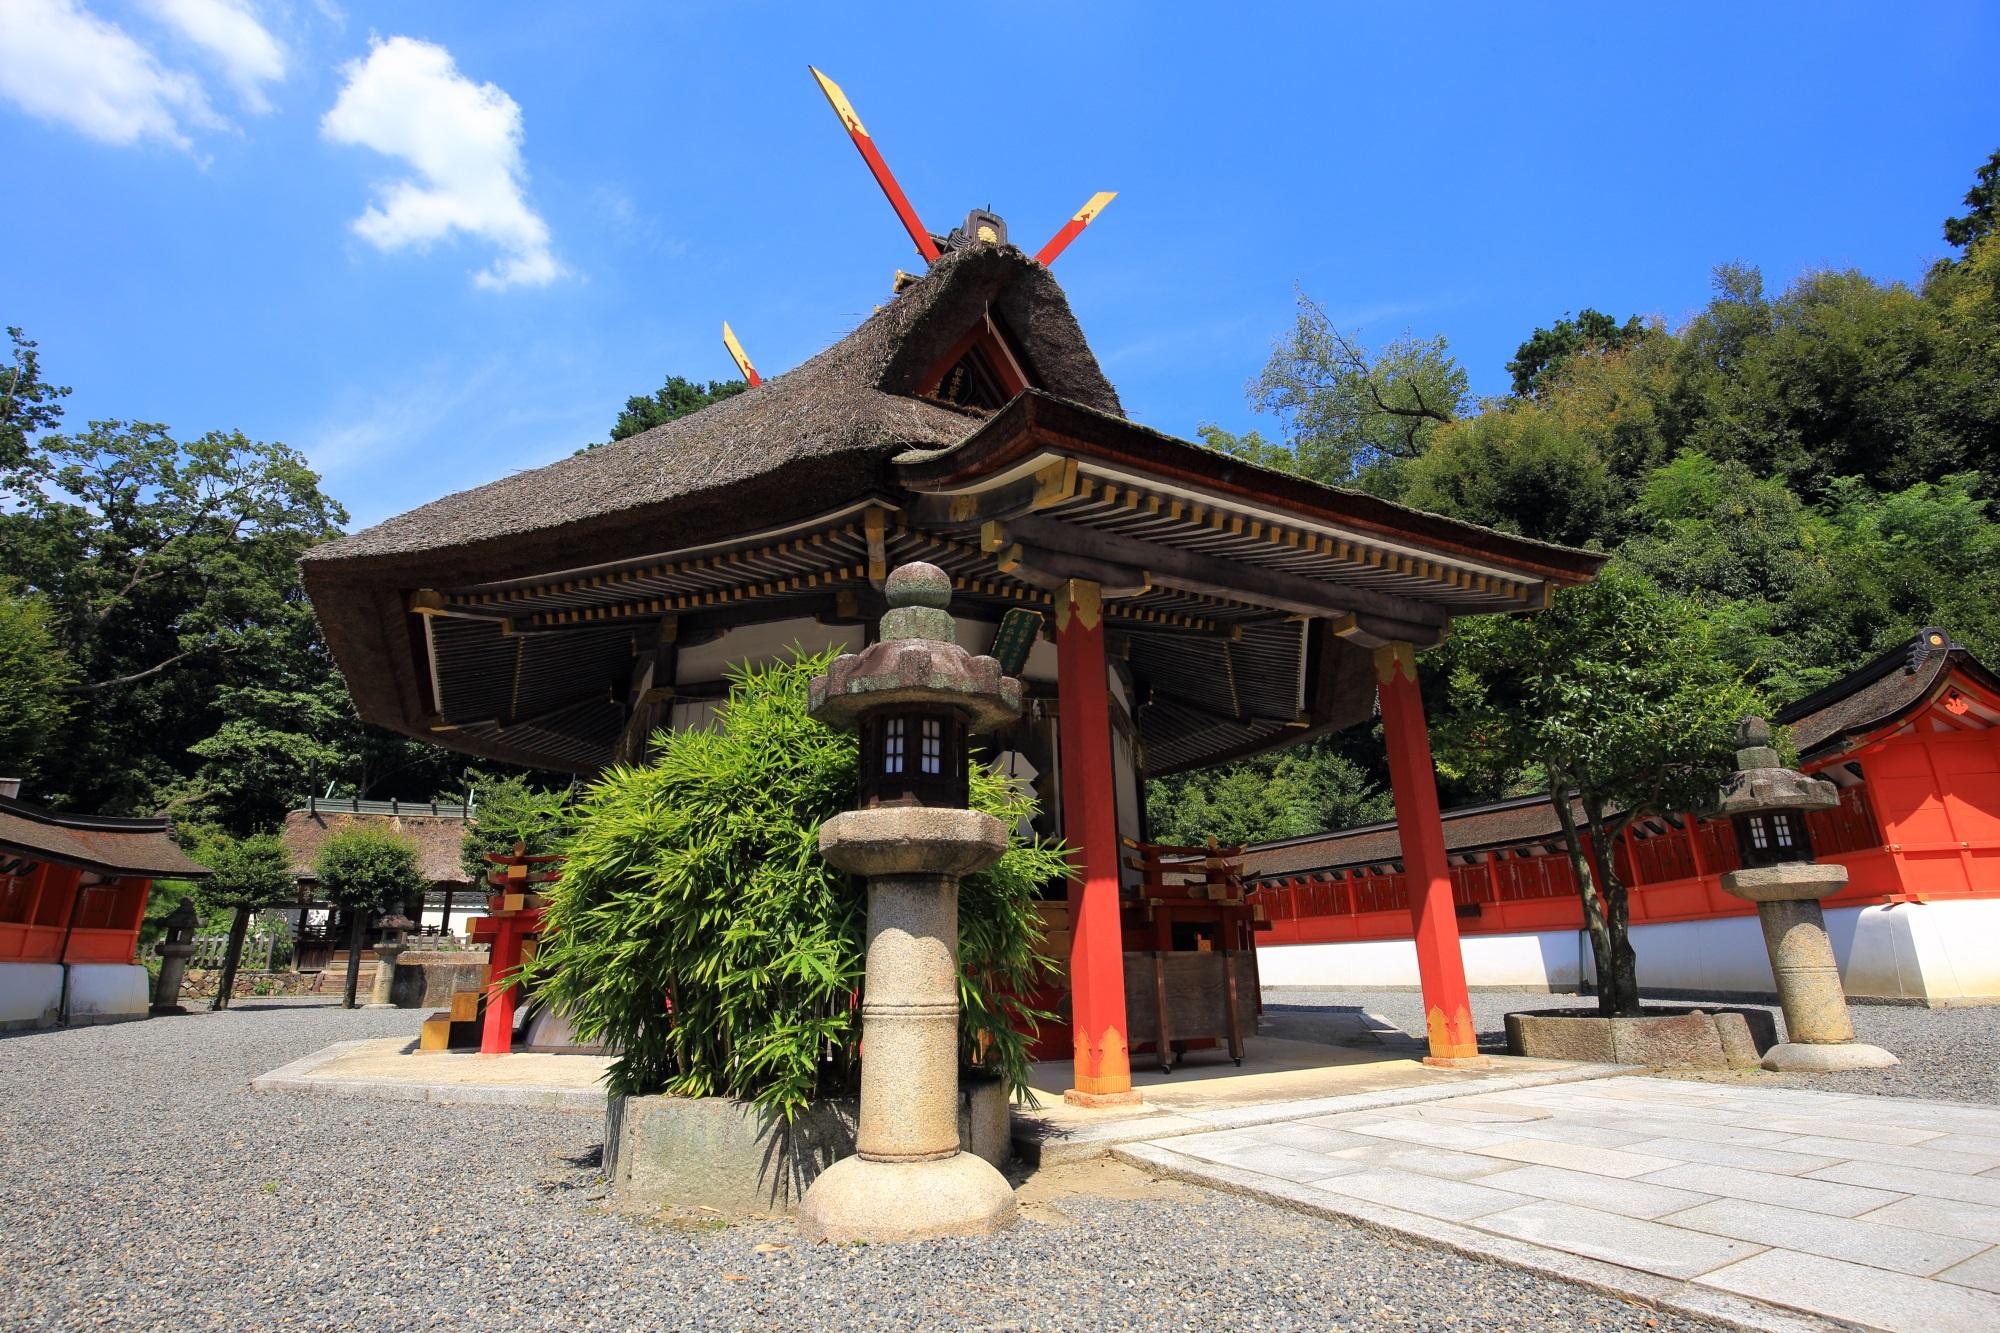 斎場所大元宮 全国の神様を祀る八角形の神社 吉田神社の末社